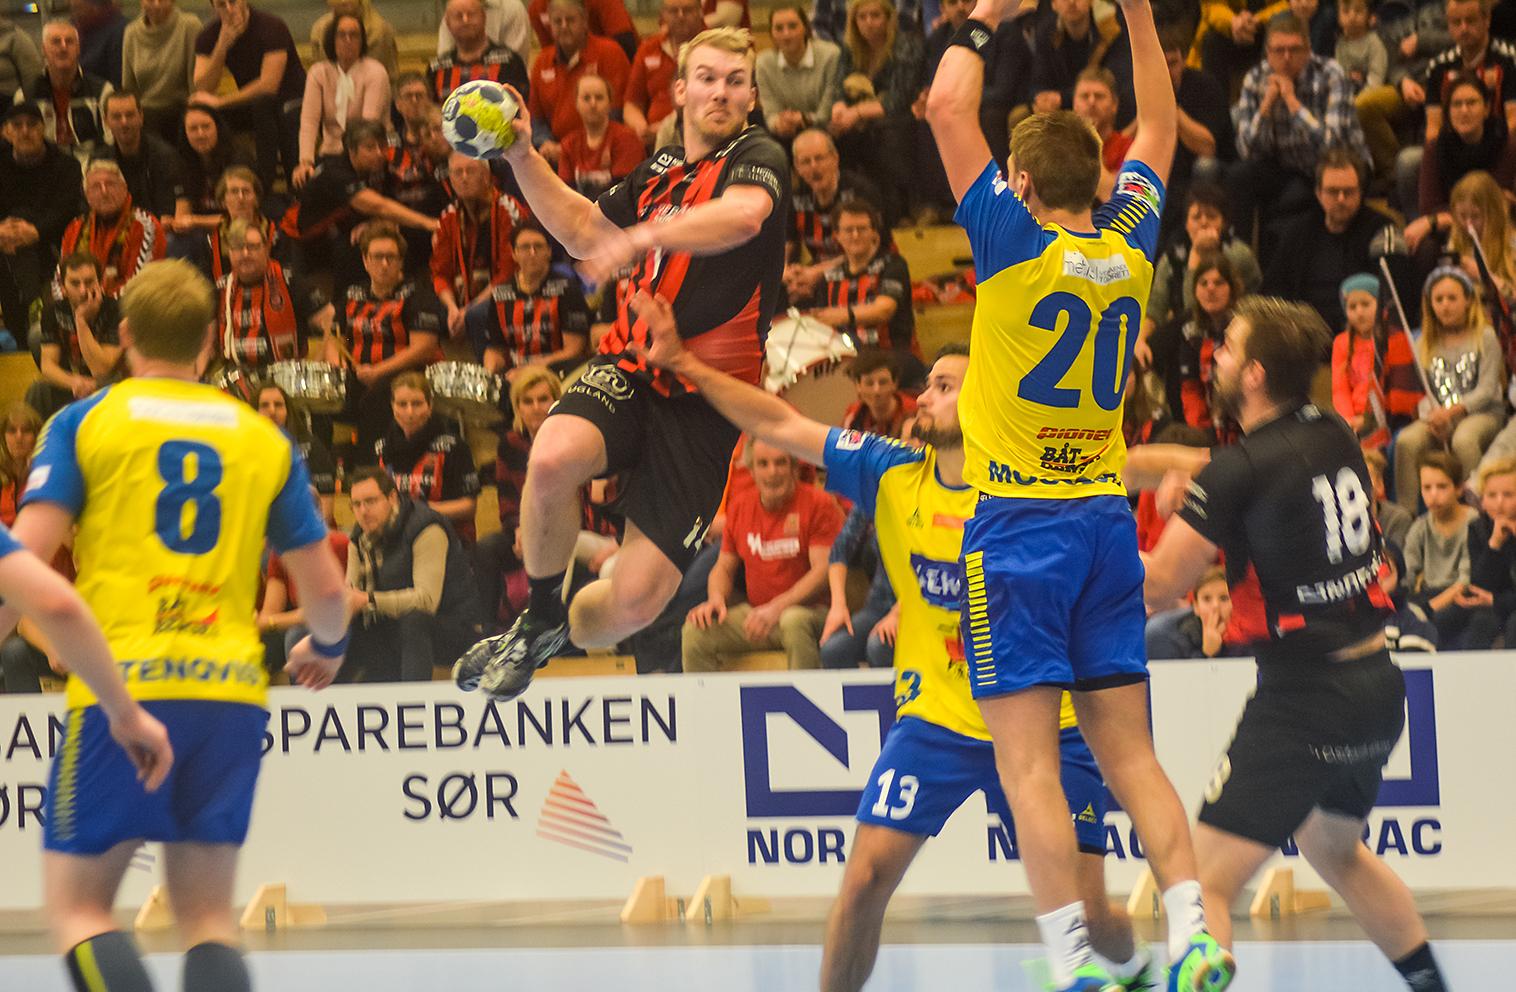 BANENS BESTE: ØIF-kaptein Eirik Heia Pedersen Ble Kåret Til Banens Beste Spiller. Foto: Nina Dorthea Terjesen